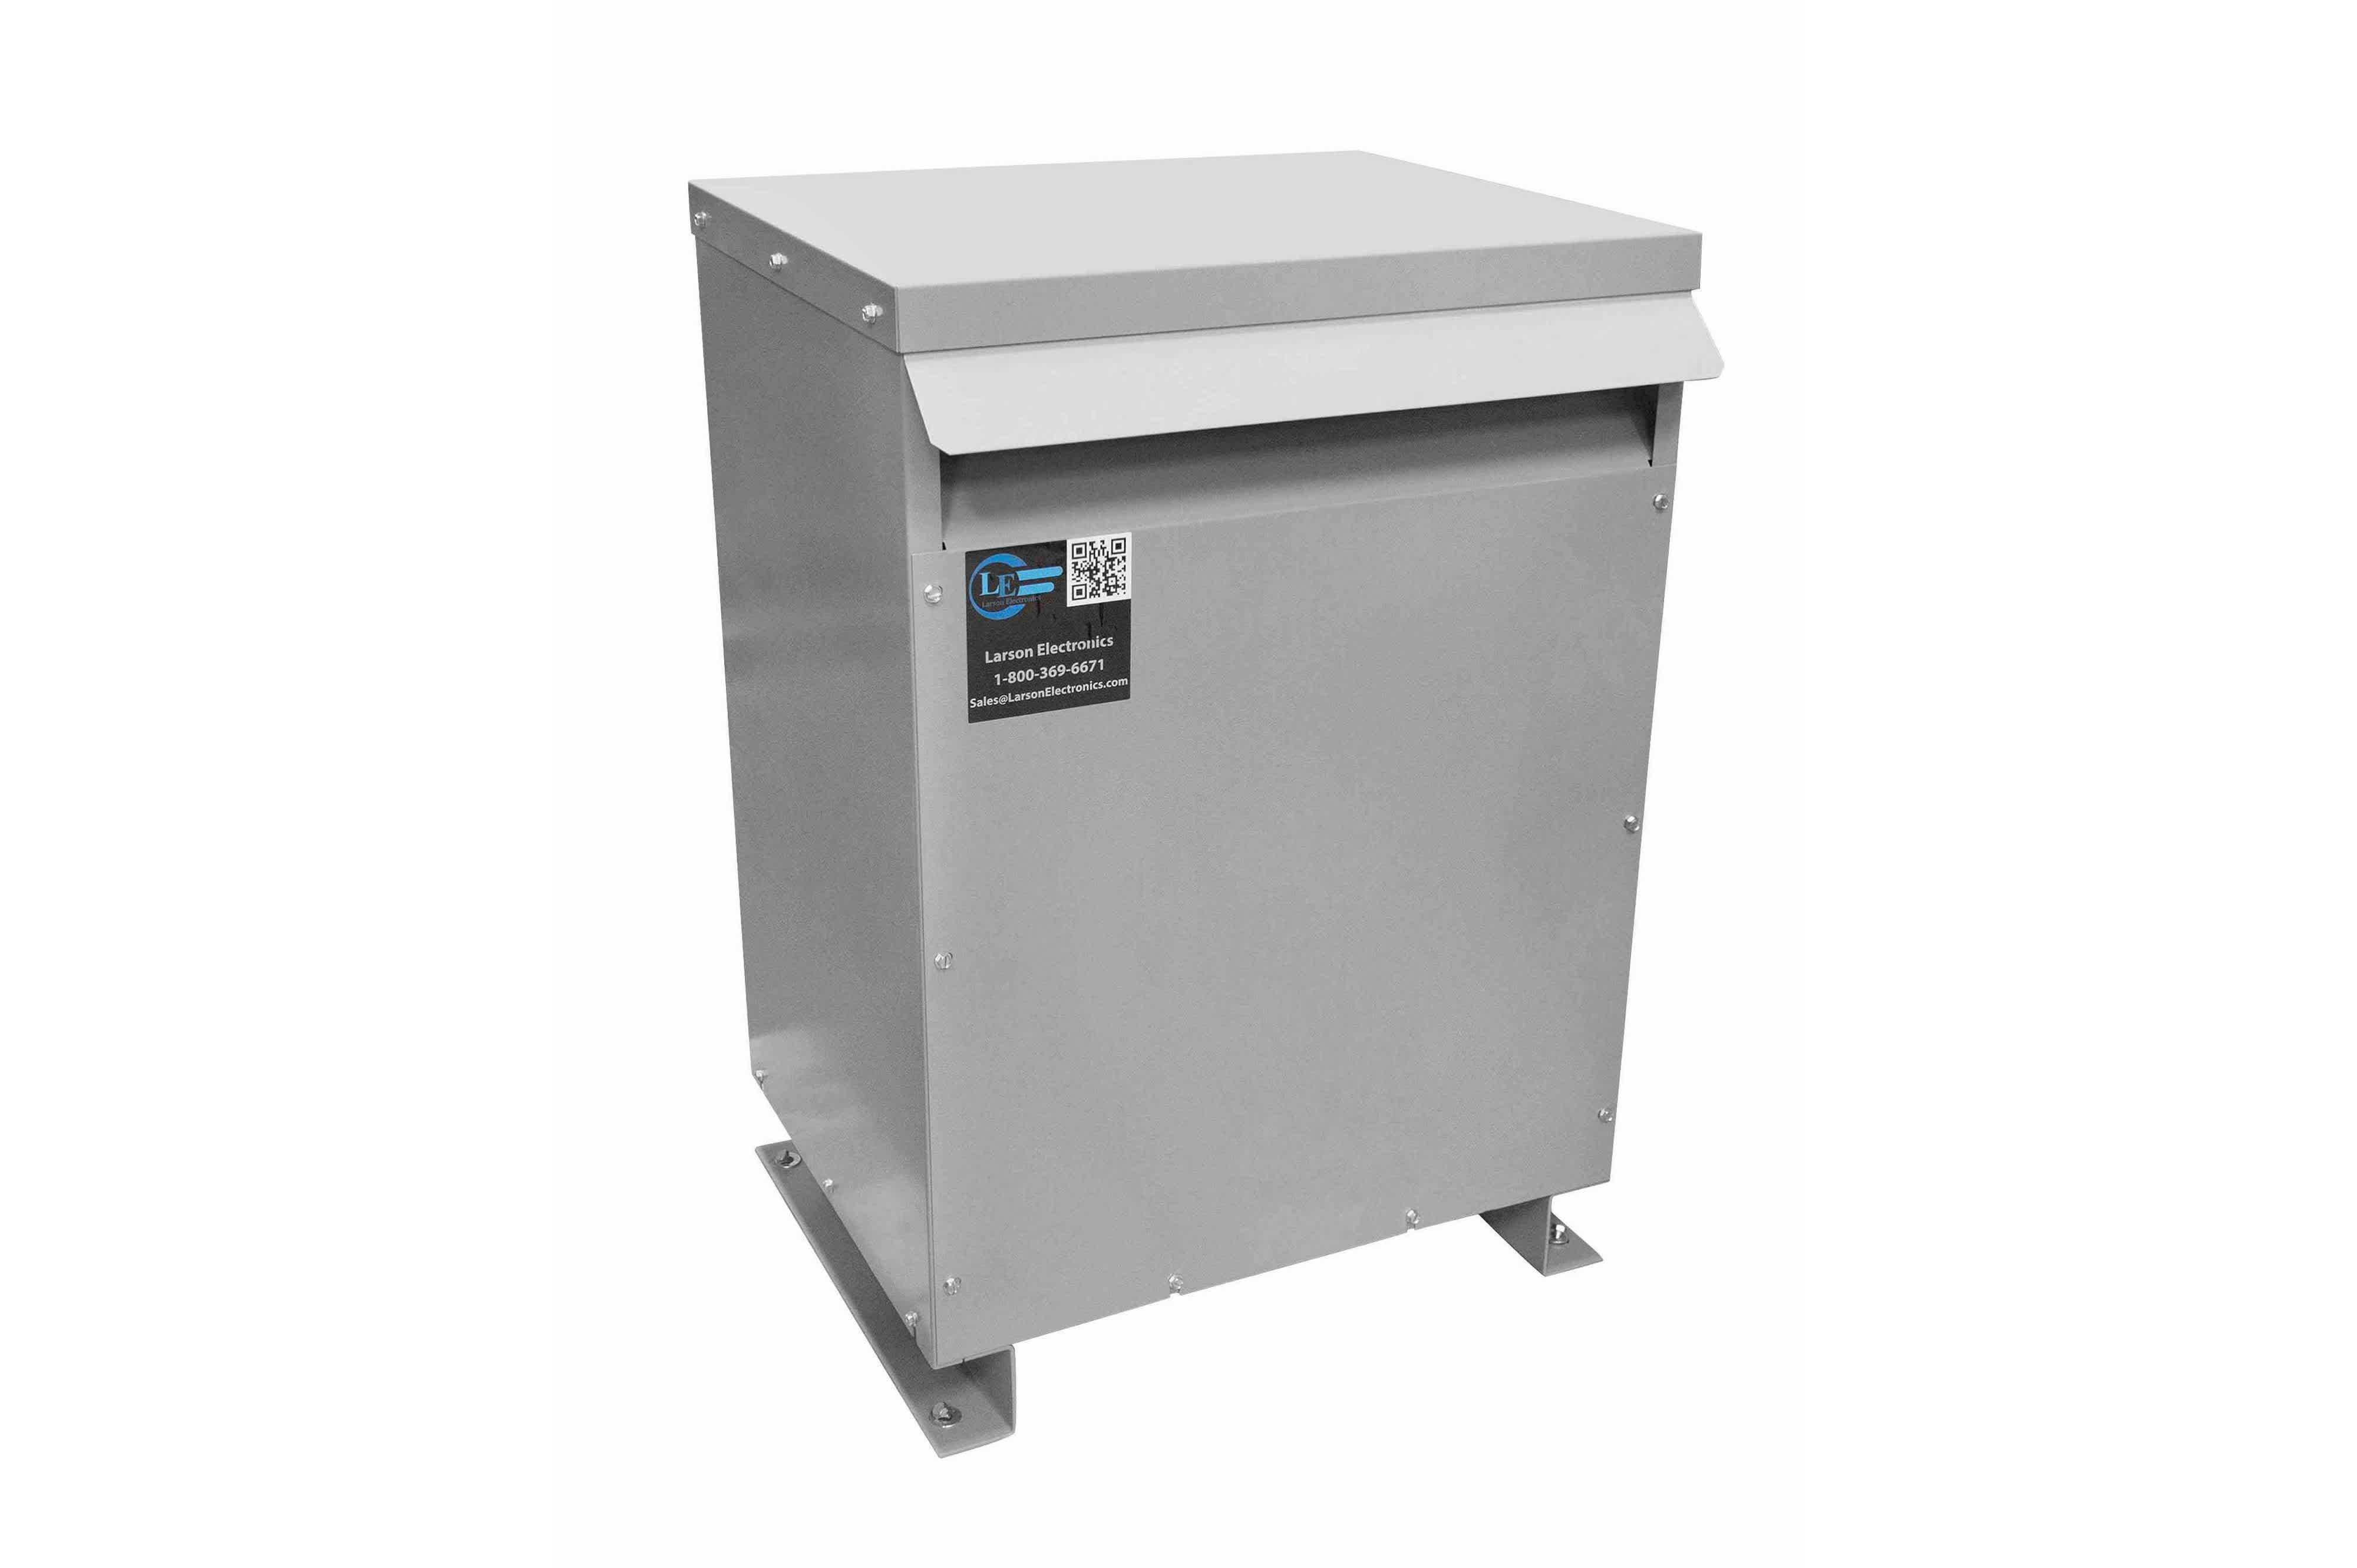 110 kVA 3PH Isolation Transformer, 208V Delta Primary, 380V Delta Secondary, N3R, Ventilated, 60 Hz